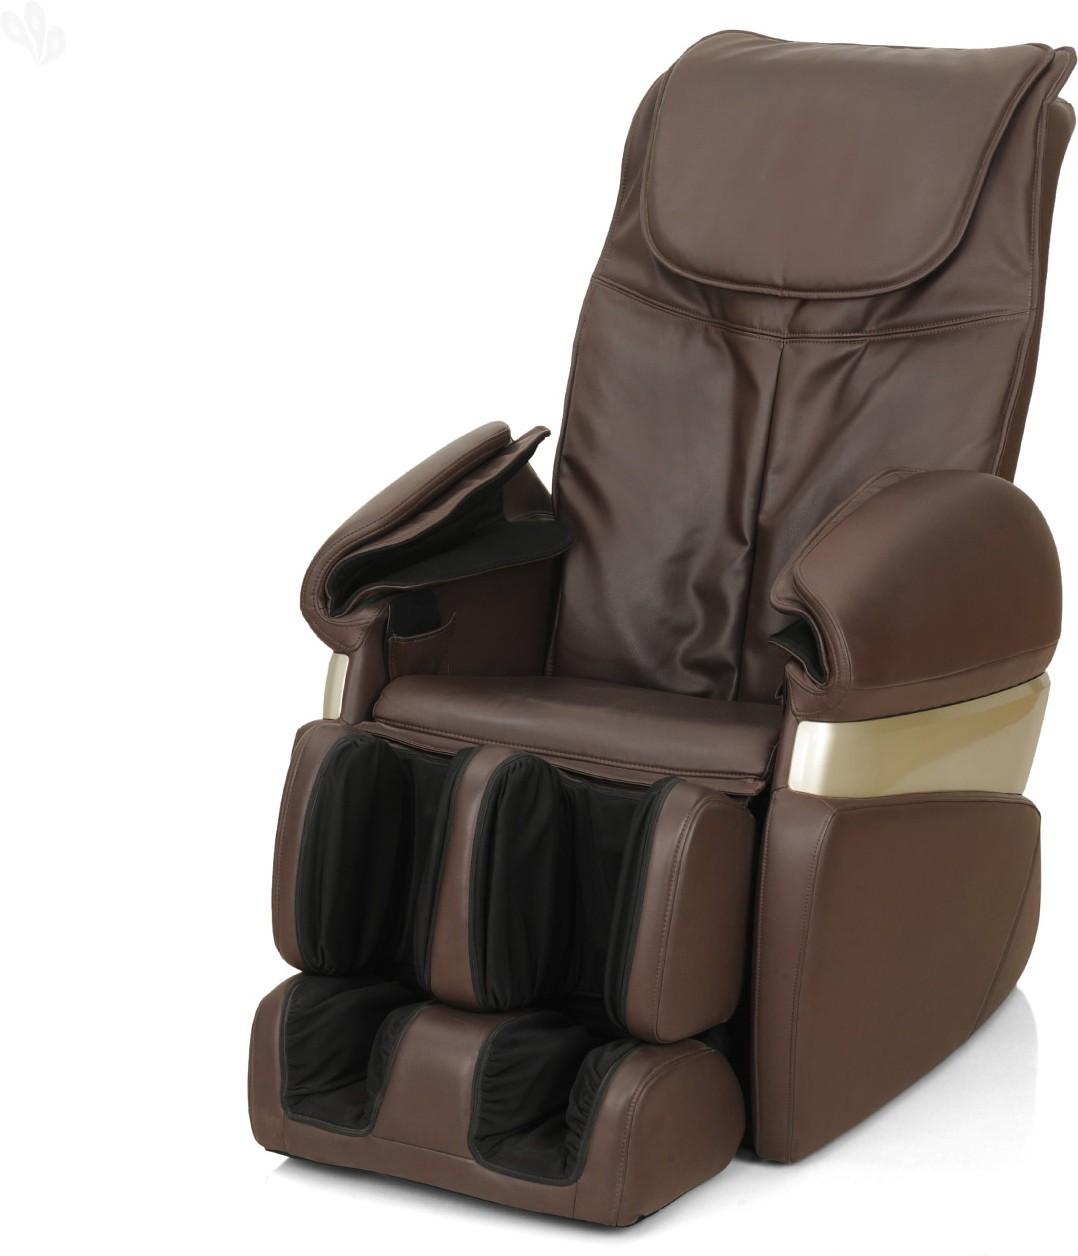 RoyalOak Hercules Massage Chair class=